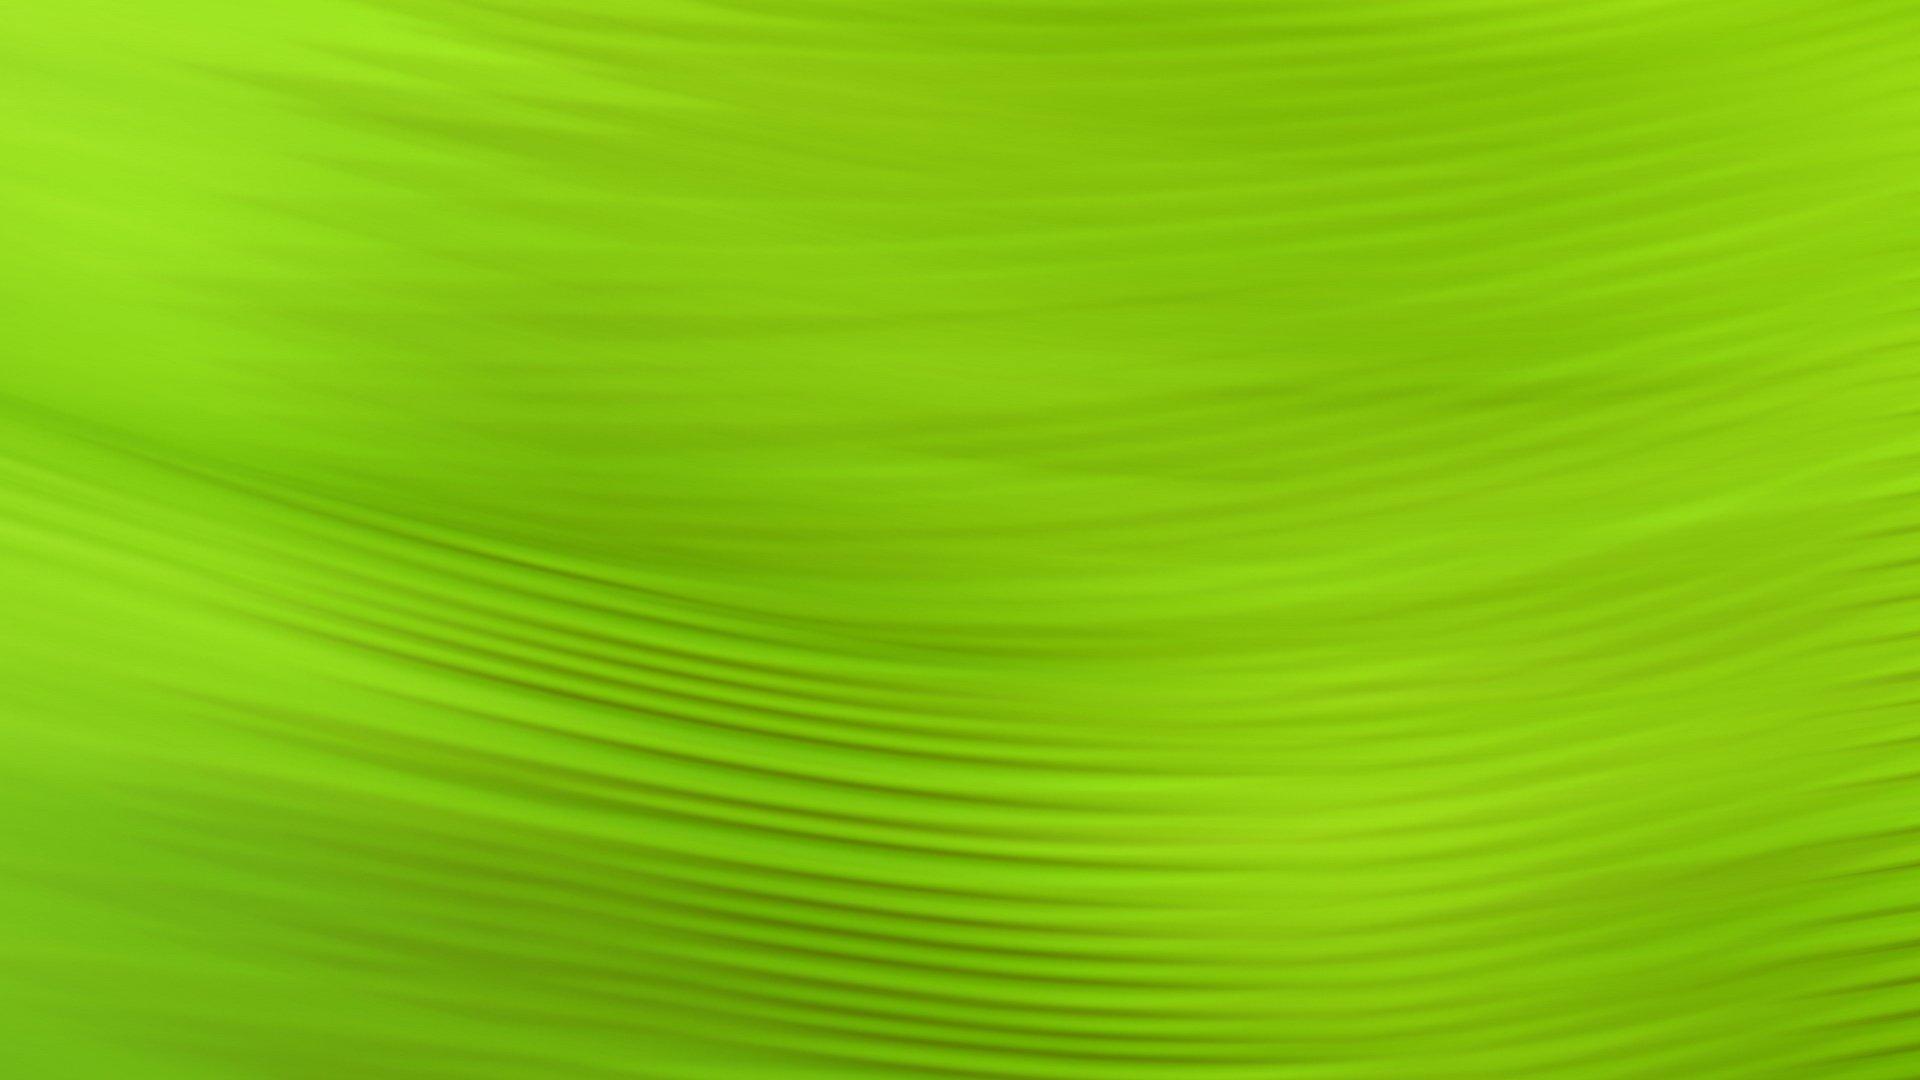 Yeşil Hd Duvar Kağıdı Arka Plan 1920x1080 Id363877